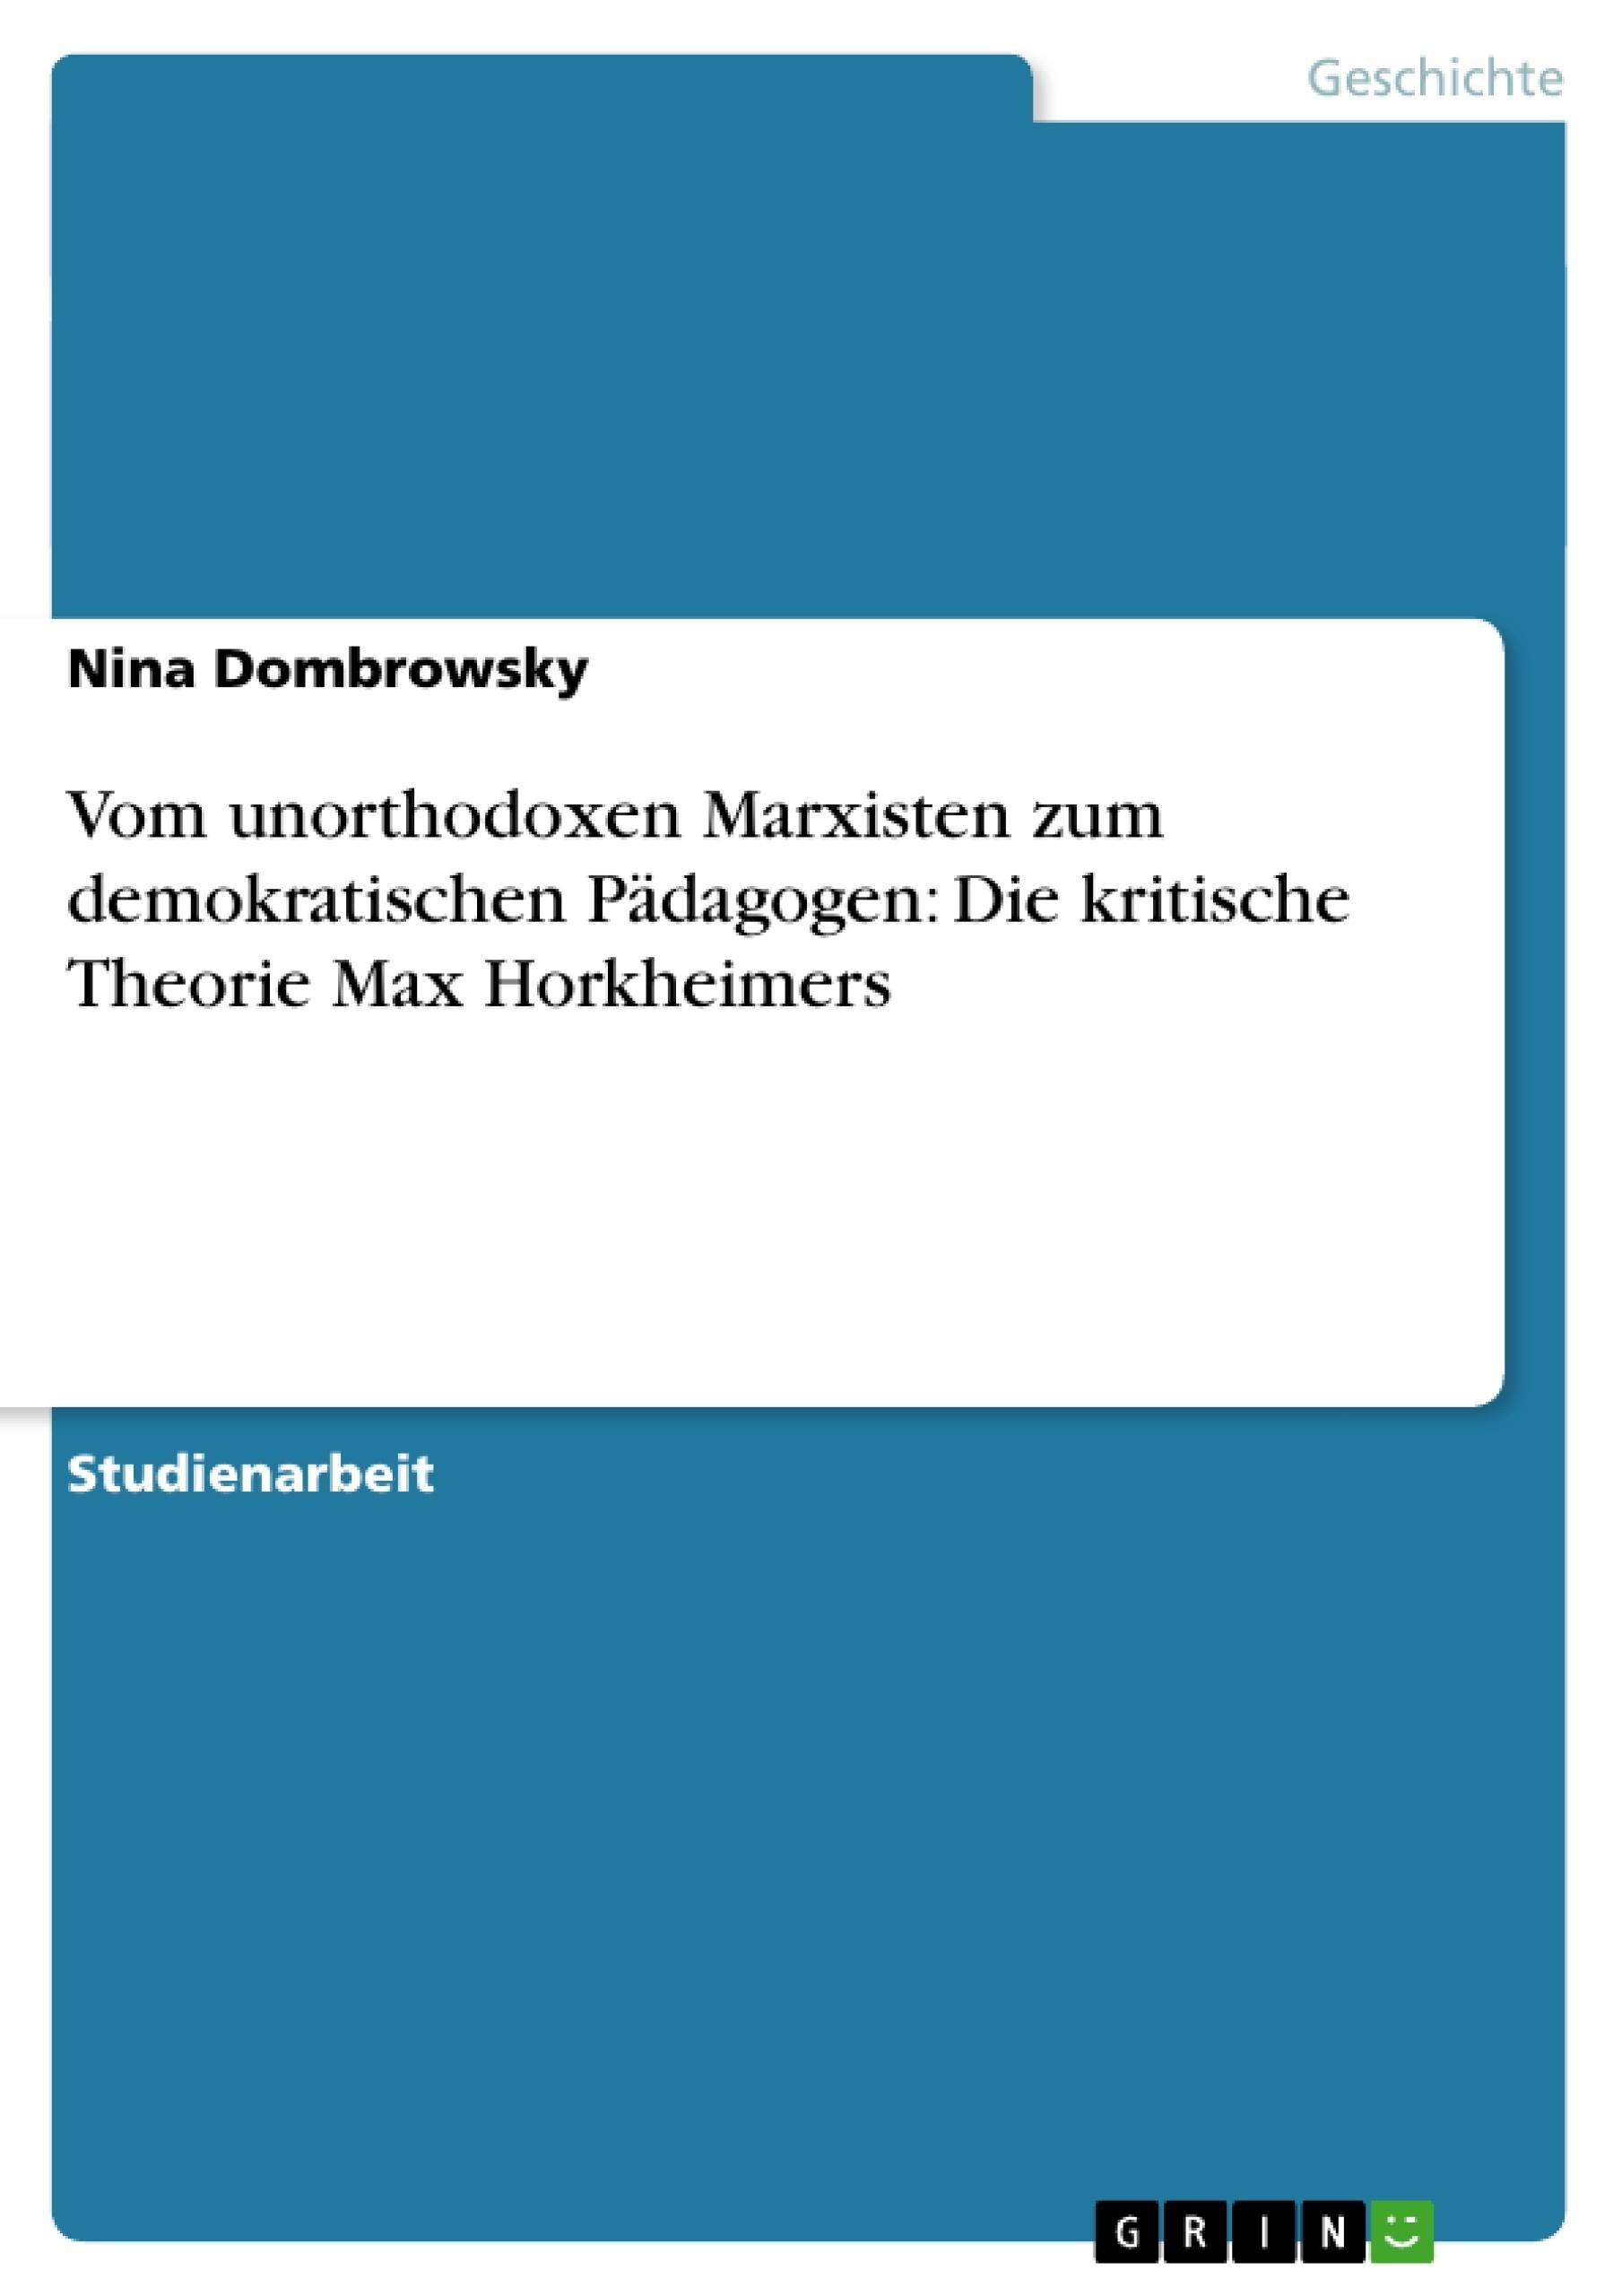 Titel: Vom unorthodoxen Marxisten zum demokratischen Pädagogen: Die kritische Theorie Max Horkheimers